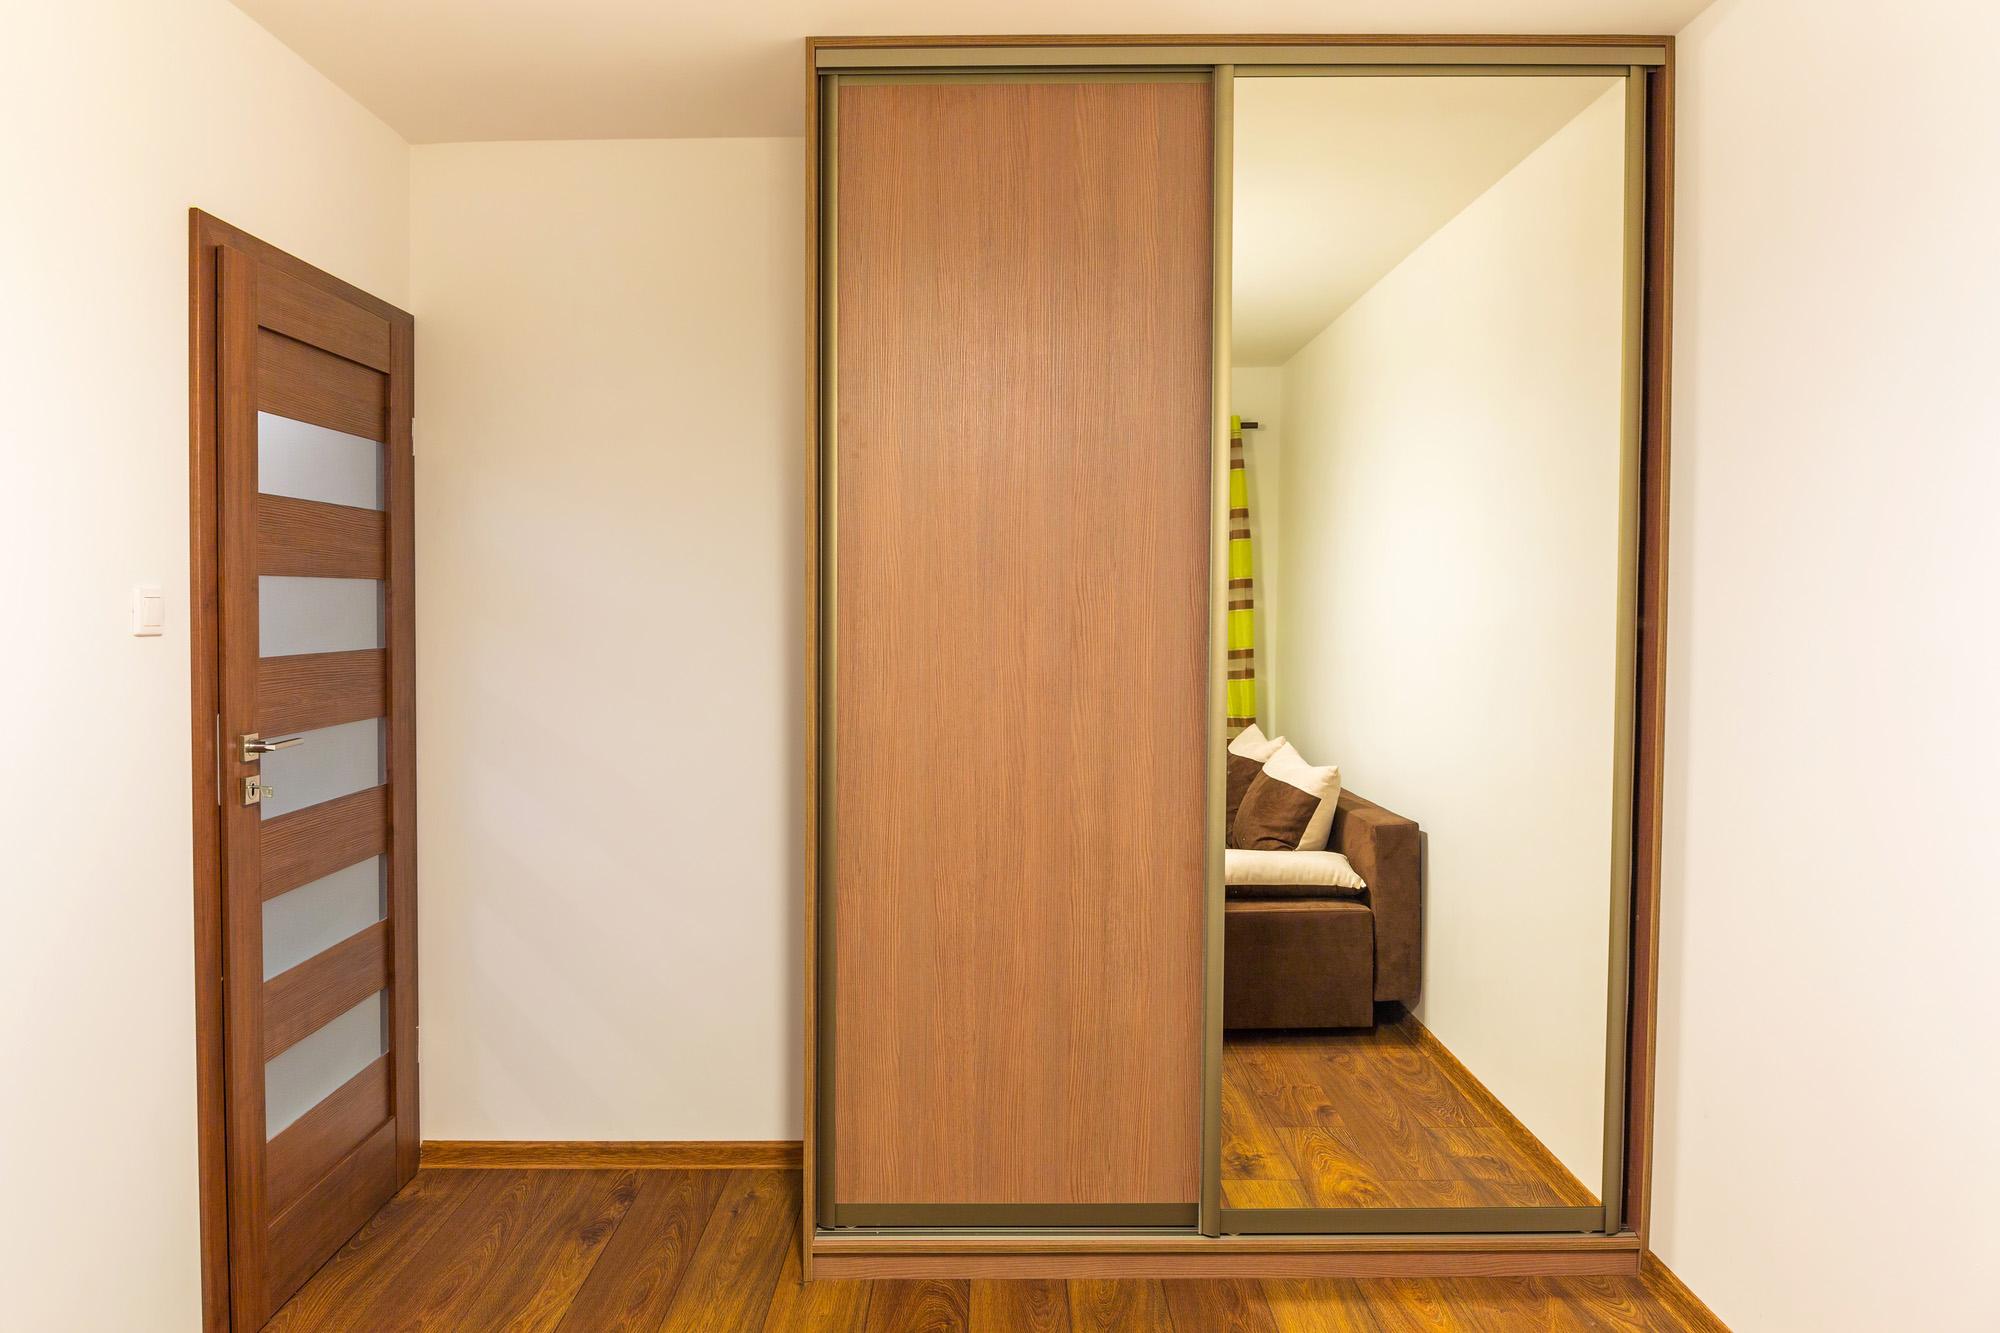 fitted two door wardrobe, bedroom funiture